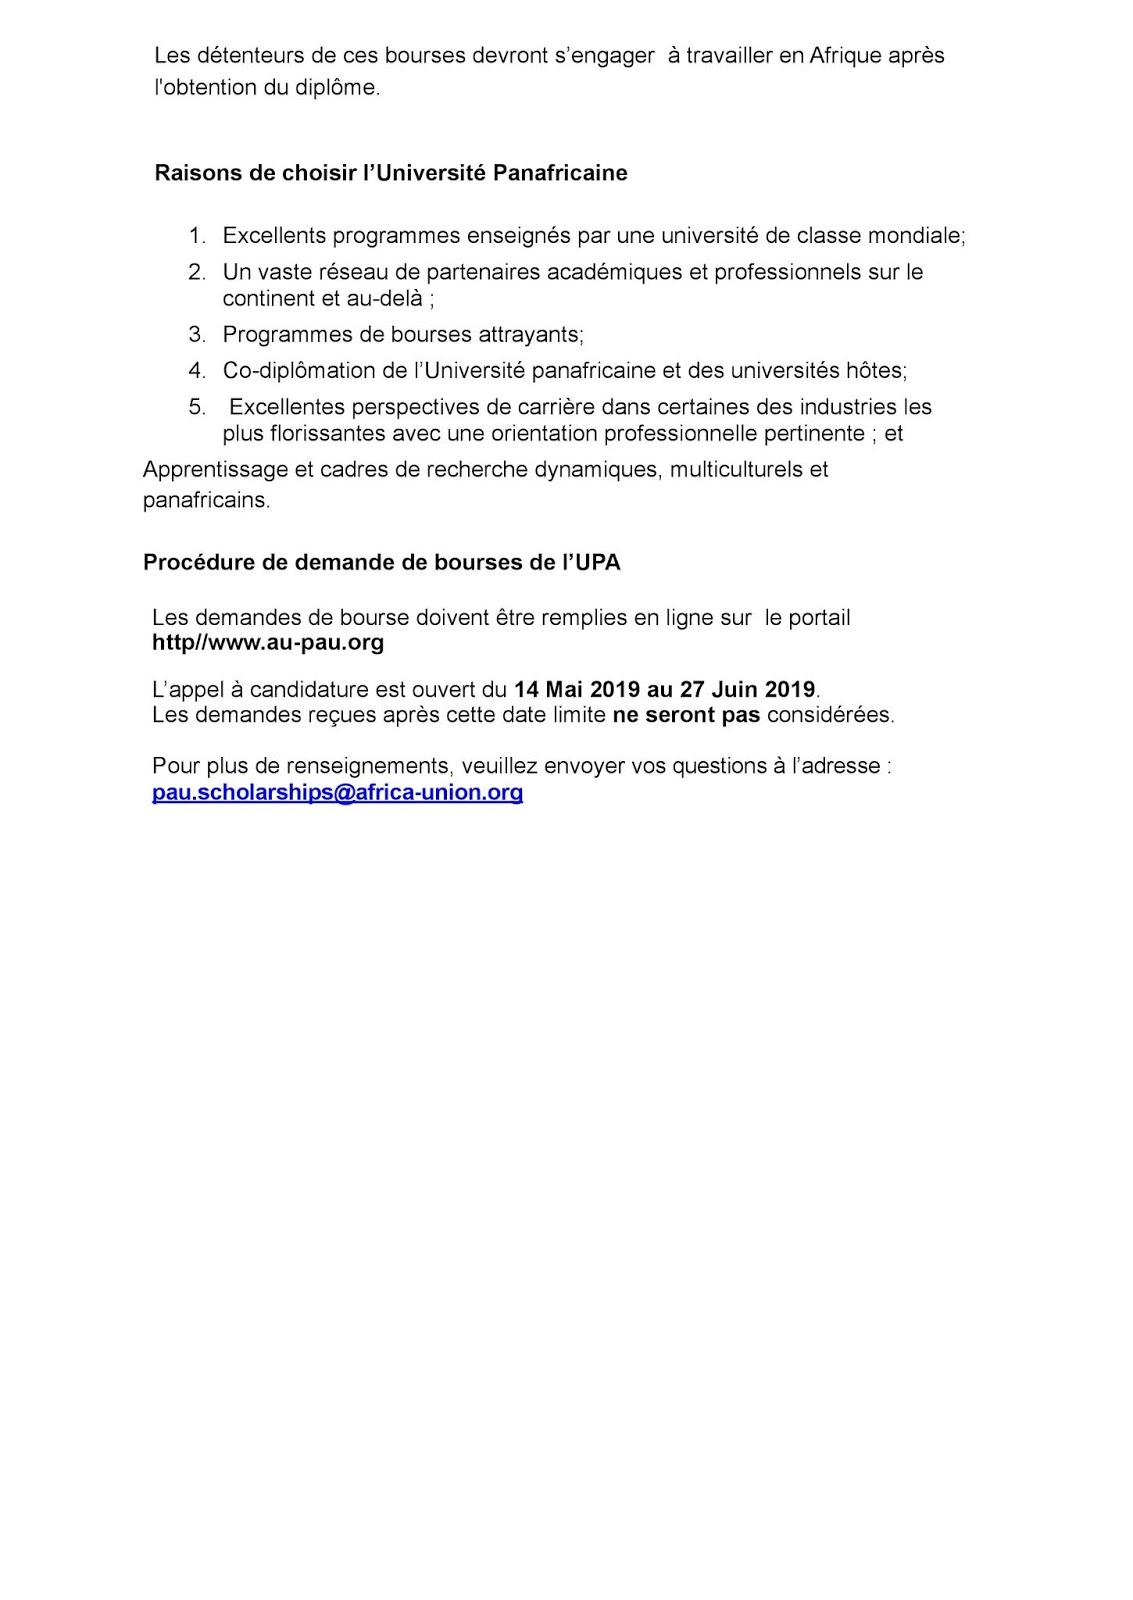 الإتحاد الإفريقي: منح الدراسة بسلكي الماستر والدكتوراه بالجامعة الإفريقية العبر-قارية برسم الموسم الجامعي 2019/2020